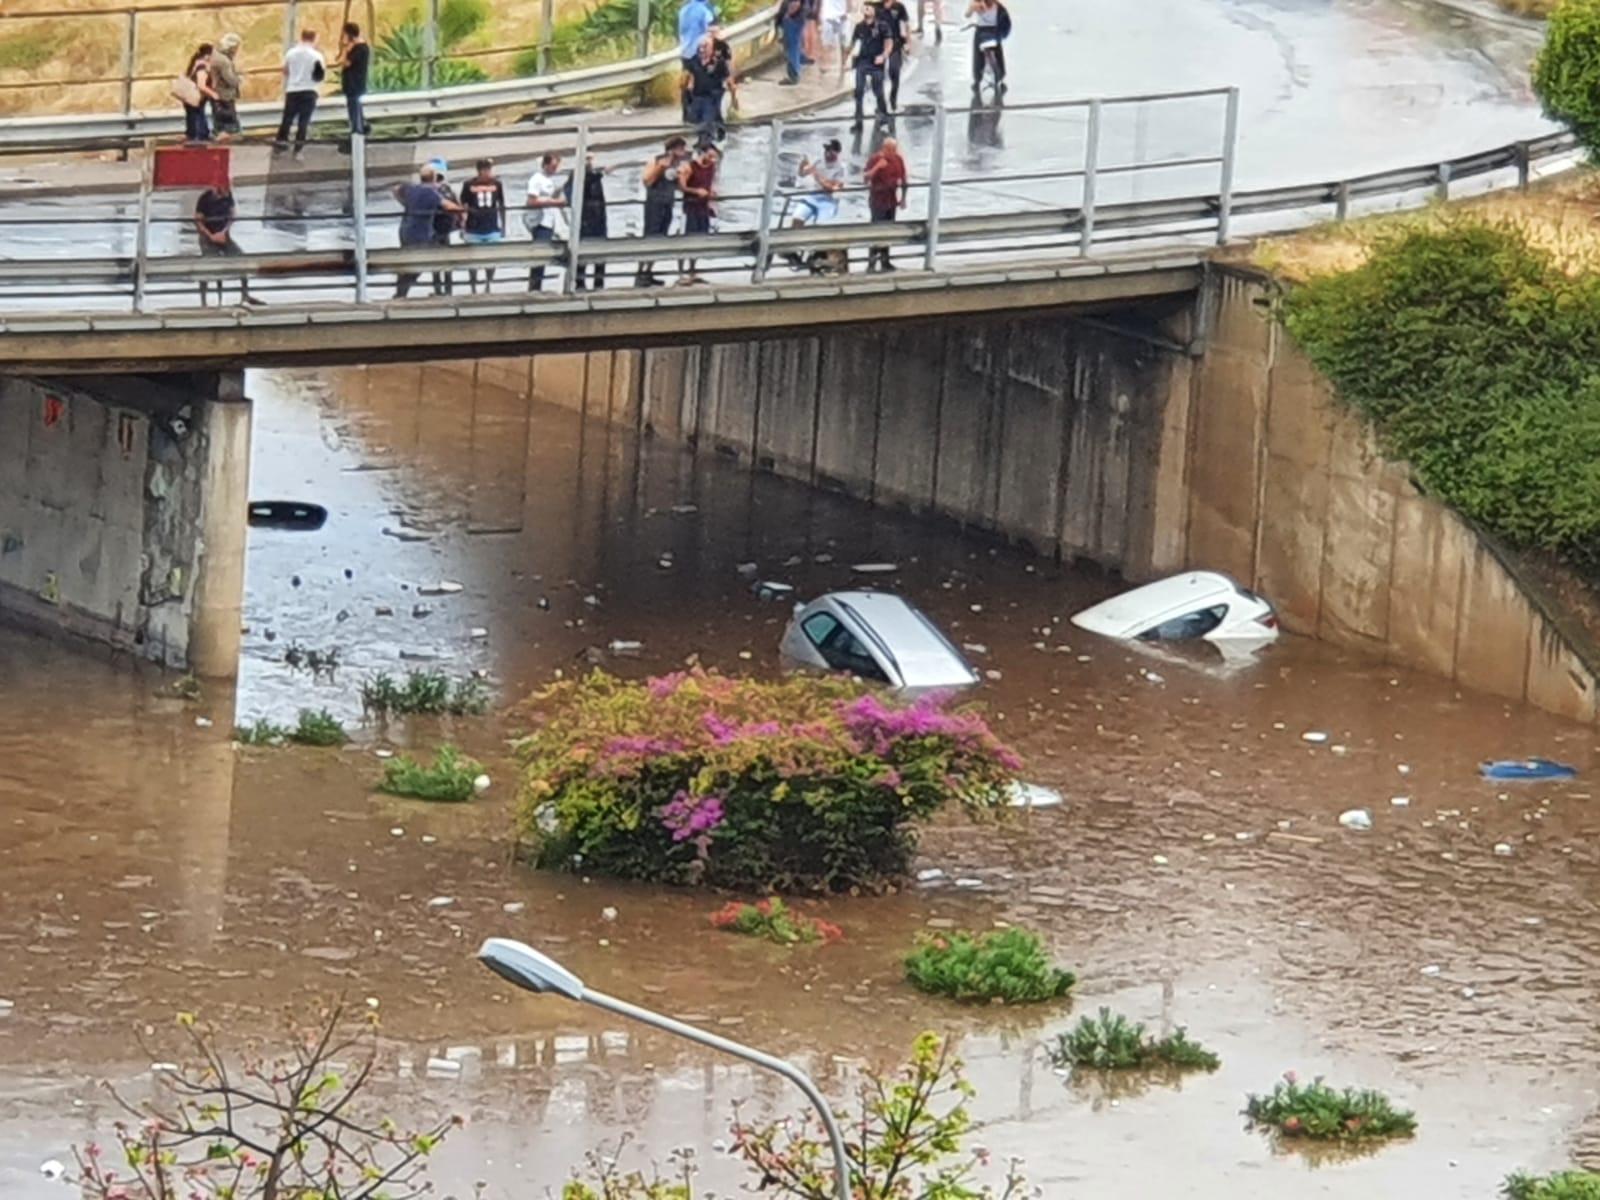 Maltempo killer a Palermo: due persone muoiono annegate all'interno di un'auto